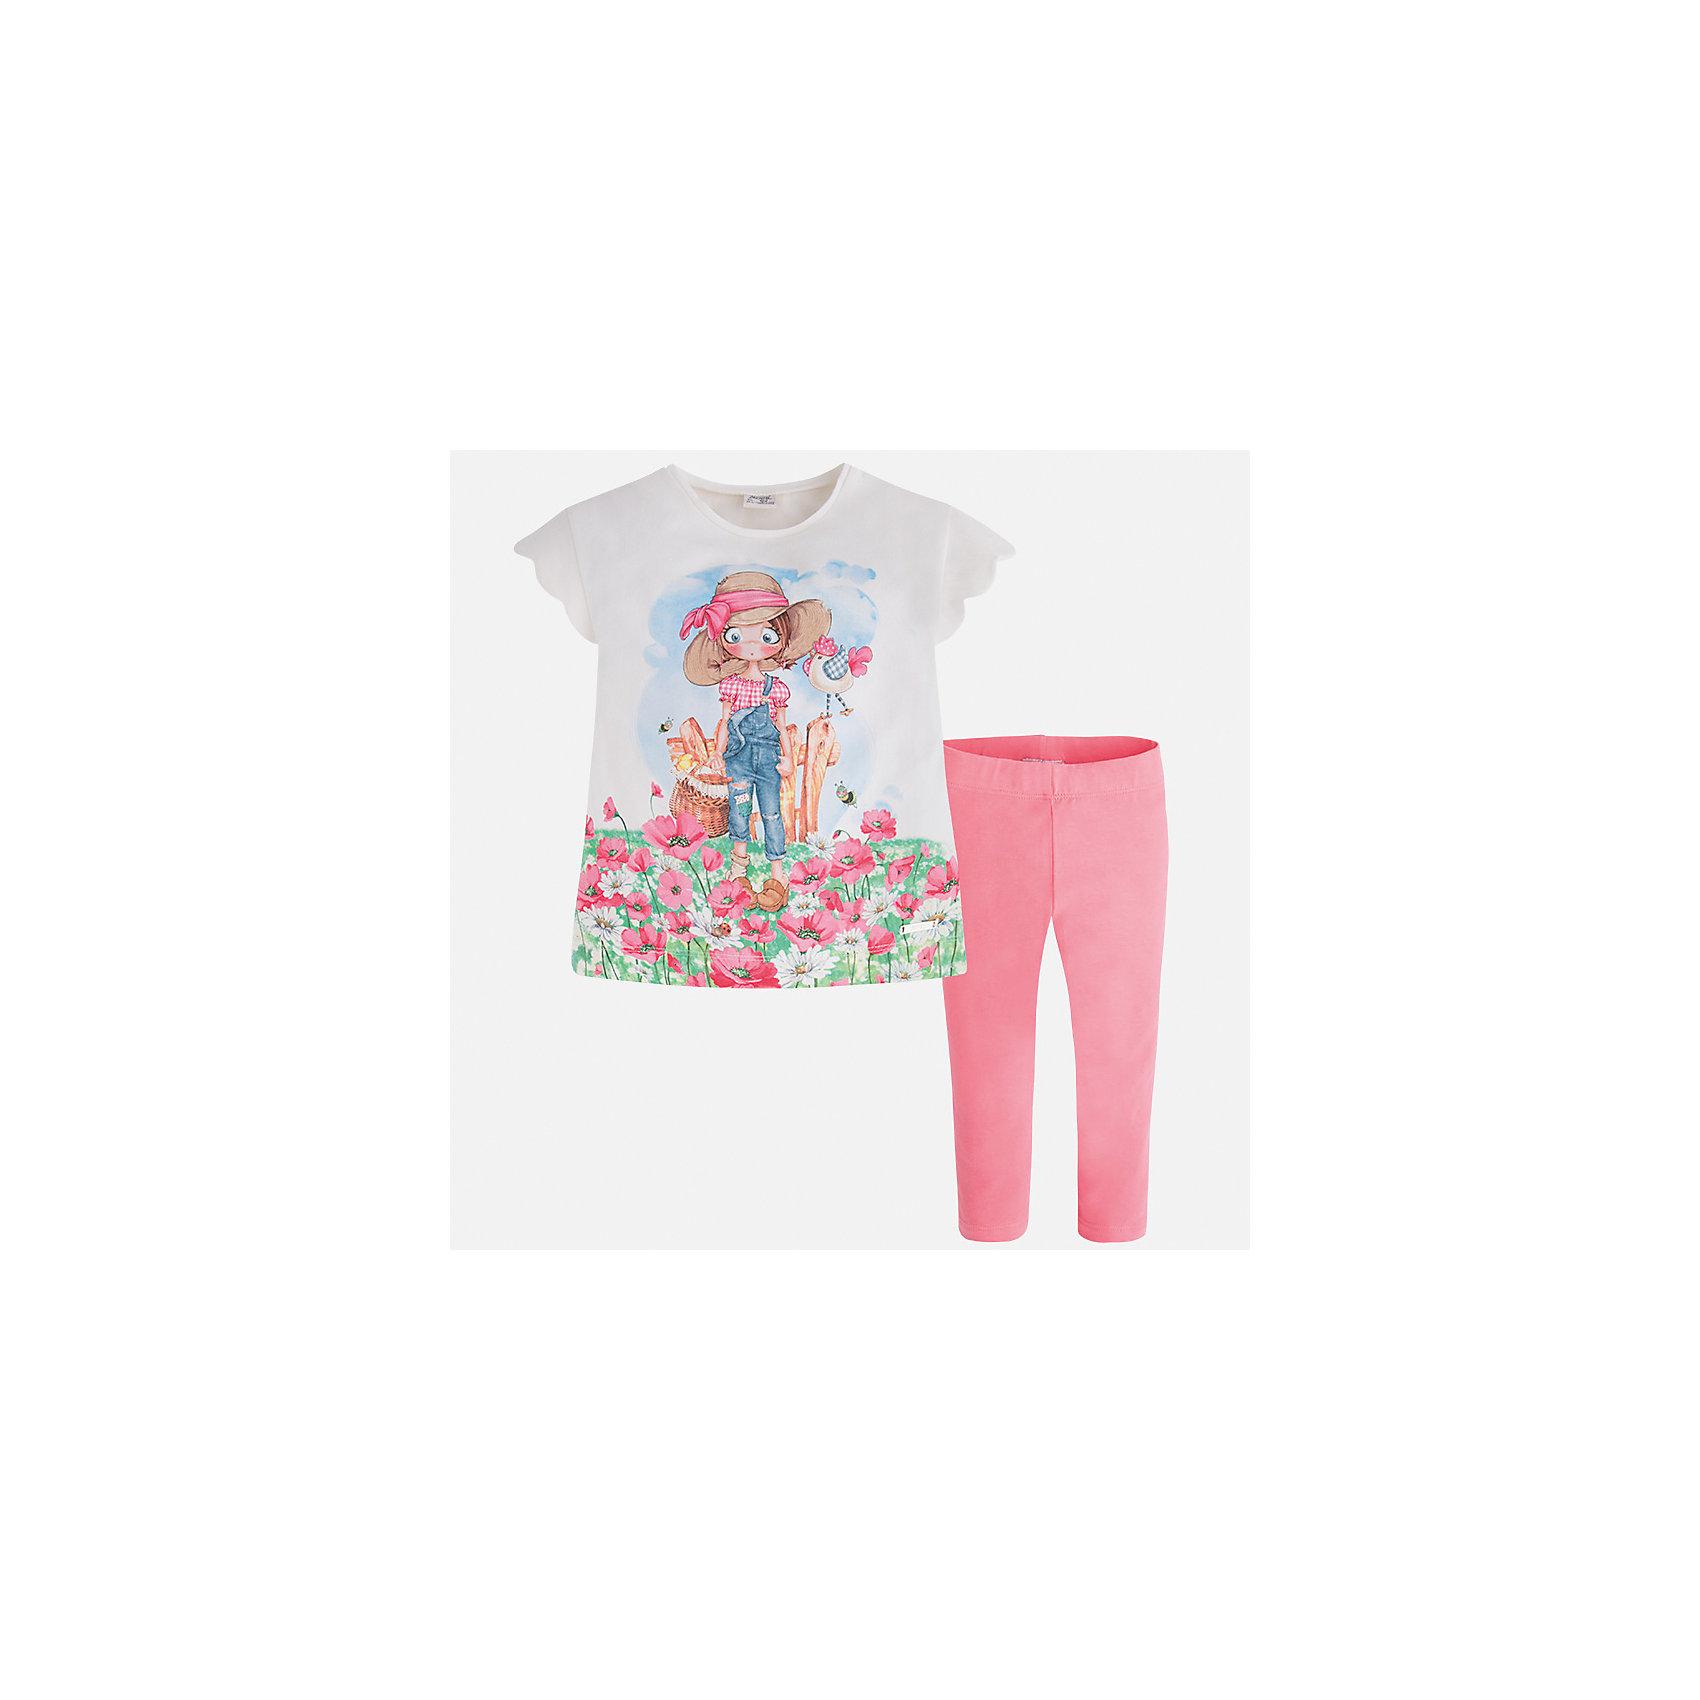 Комплект: футболка и леггинсы для девочки MayoralКомплекты<br>Характеристики товара:<br><br>• цвет: белый/розовый<br>• состав: 92% хлопок, 8% эластан<br>• комплектация: футболка, леггинсы<br>• футболка декорирована принтом <br>• леггинсы однотонные<br>• пояс на резинке<br>• страна бренда: Испания<br><br>Модный качественный комплект для девочки поможет разнообразить гардероб ребенка и удобно одеться в теплую погоду. Он отлично сочетается с другими предметами. Универсальный цвет позволяет подобрать к вещам верхнюю одежду практически любой расцветки. Интересная отделка модели делает её нарядной и оригинальной. В составе материала - натуральный хлопок, гипоаллергенный, приятный на ощупь, дышащий.<br><br>Одежда, обувь и аксессуары от испанского бренда Mayoral полюбились детям и взрослым по всему миру. Модели этой марки - стильные и удобные. Для их производства используются только безопасные, качественные материалы и фурнитура. Порадуйте ребенка модными и красивыми вещами от Mayoral! <br><br>Комплект для девочки от испанского бренда Mayoral (Майорал) можно купить в нашем интернет-магазине.<br><br>Ширина мм: 123<br>Глубина мм: 10<br>Высота мм: 149<br>Вес г: 209<br>Цвет: розовый<br>Возраст от месяцев: 18<br>Возраст до месяцев: 24<br>Пол: Женский<br>Возраст: Детский<br>Размер: 92,128,134,98,104,122,110,116<br>SKU: 5290595